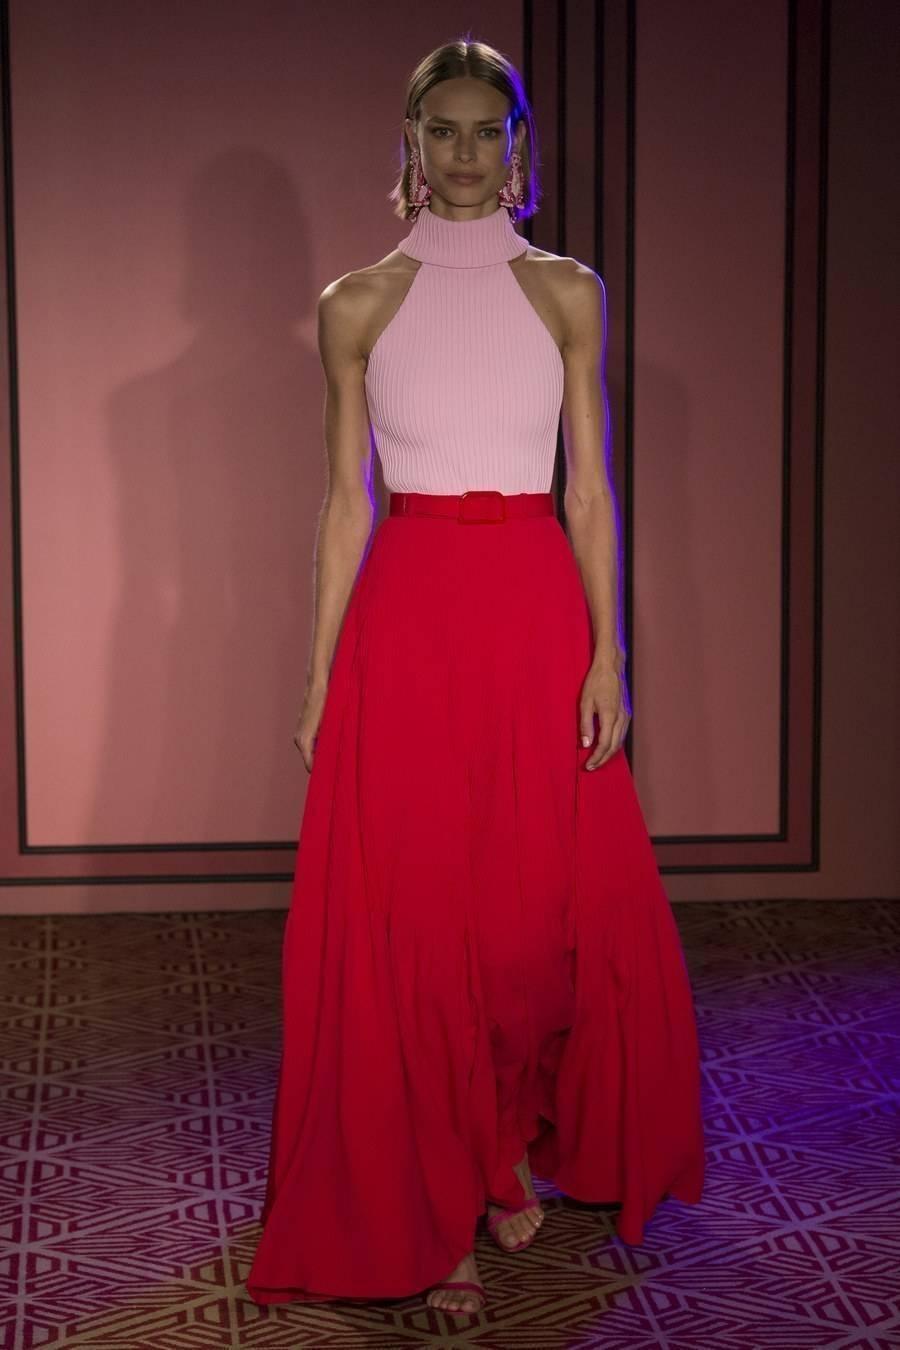 Necessaire da Diva BRA0141-1 Rosa e vermelho: a nova tendência da moda. Moda  Vermelho e rosa na moda tendências da moda Rosa e vermelho na moda Rosa e vermelho NYFW moda Gigi Hadid no NYFW dicas de moda combinação rosa com vermelho Brandon Maxwell 2017